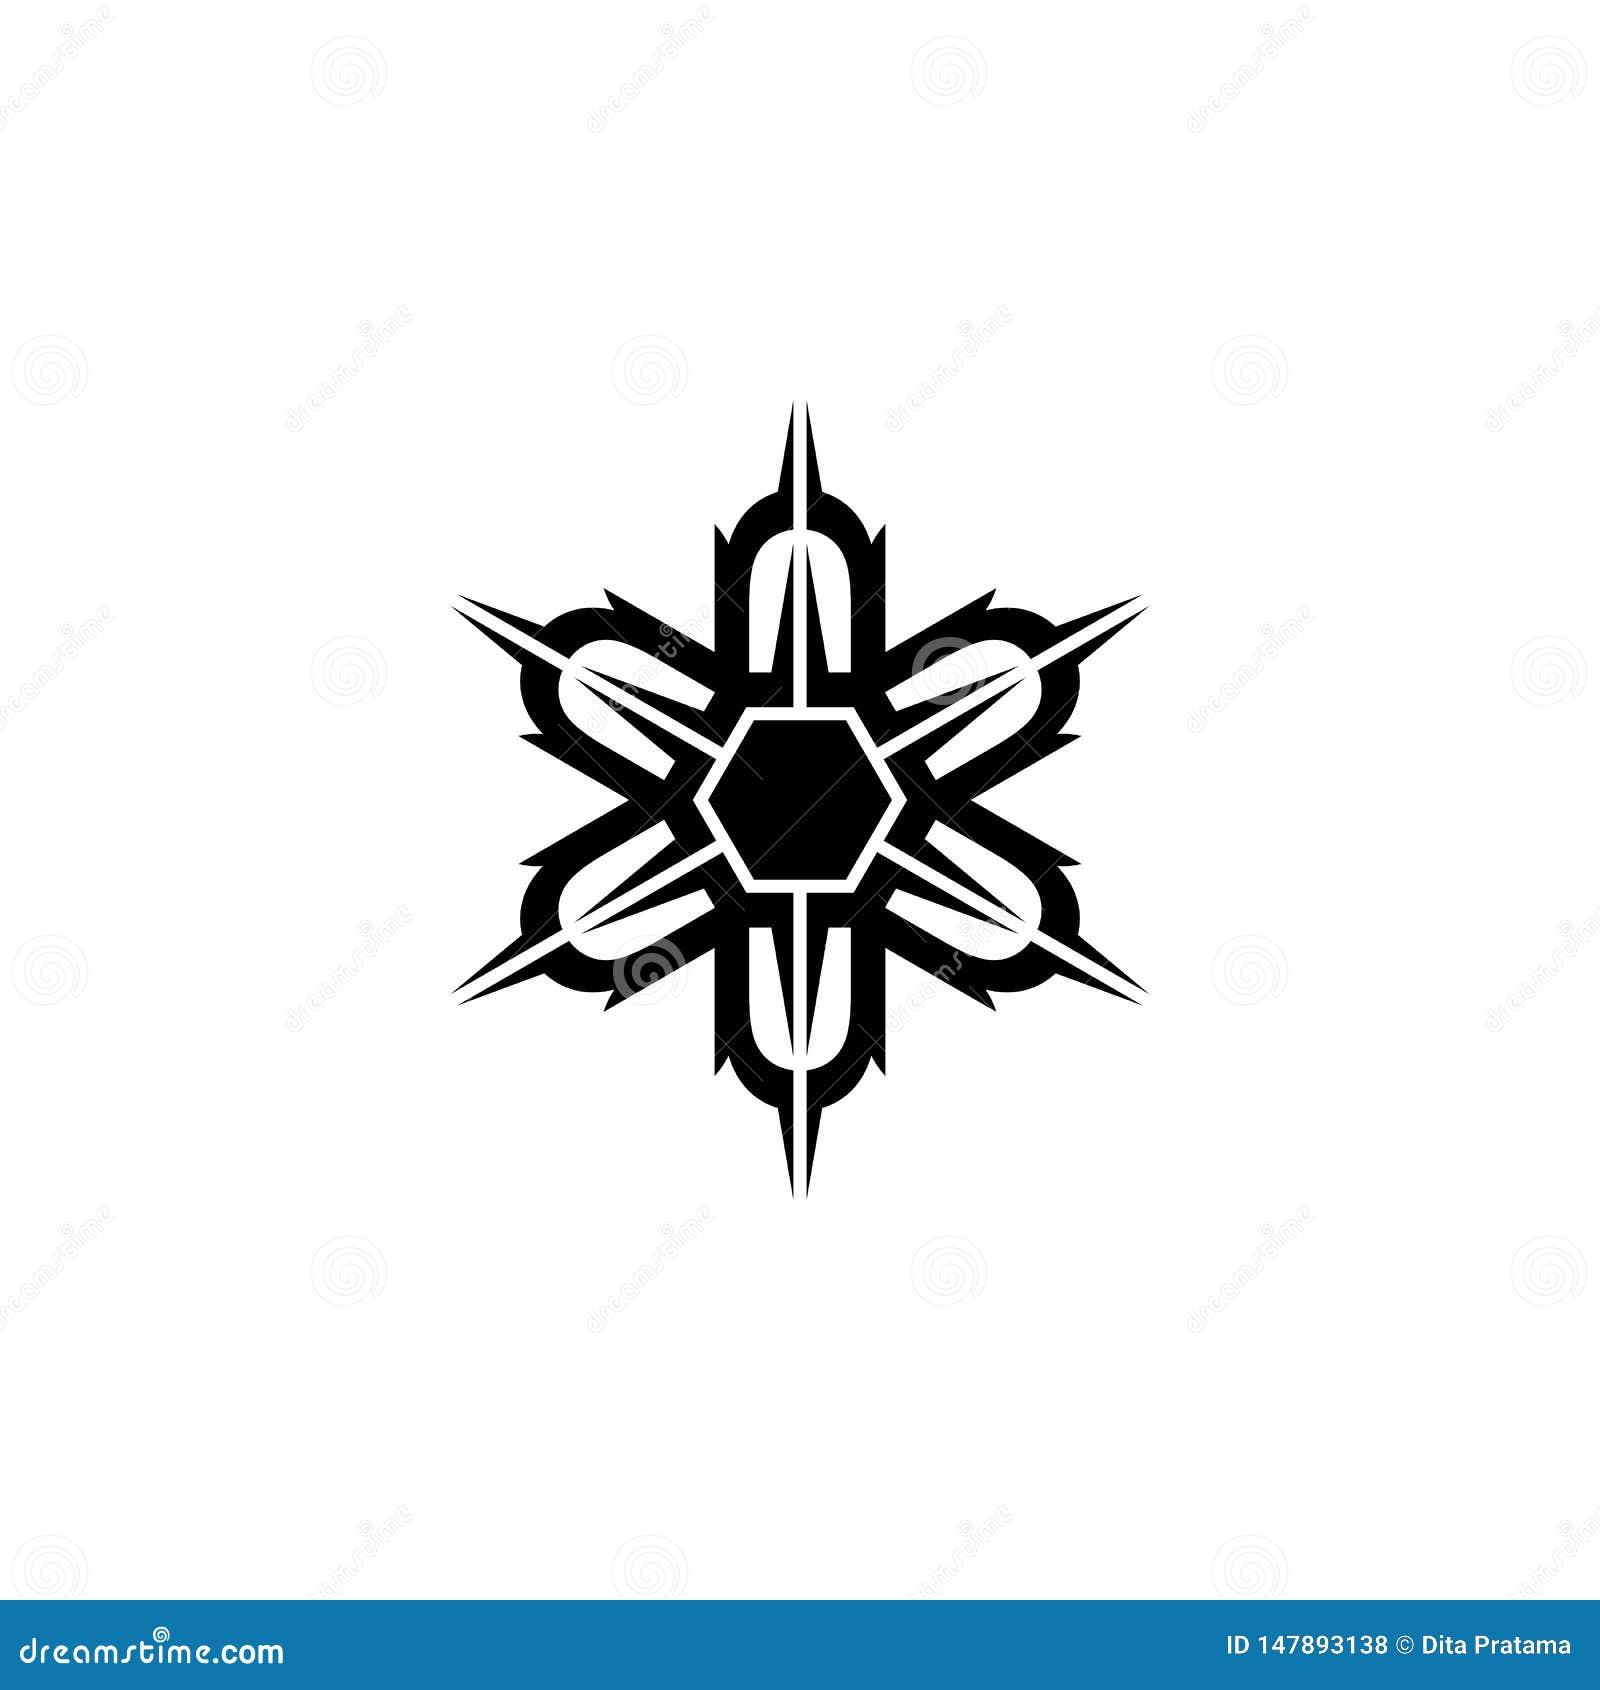 Uniek symmetrisch hexagonaal vormembleem